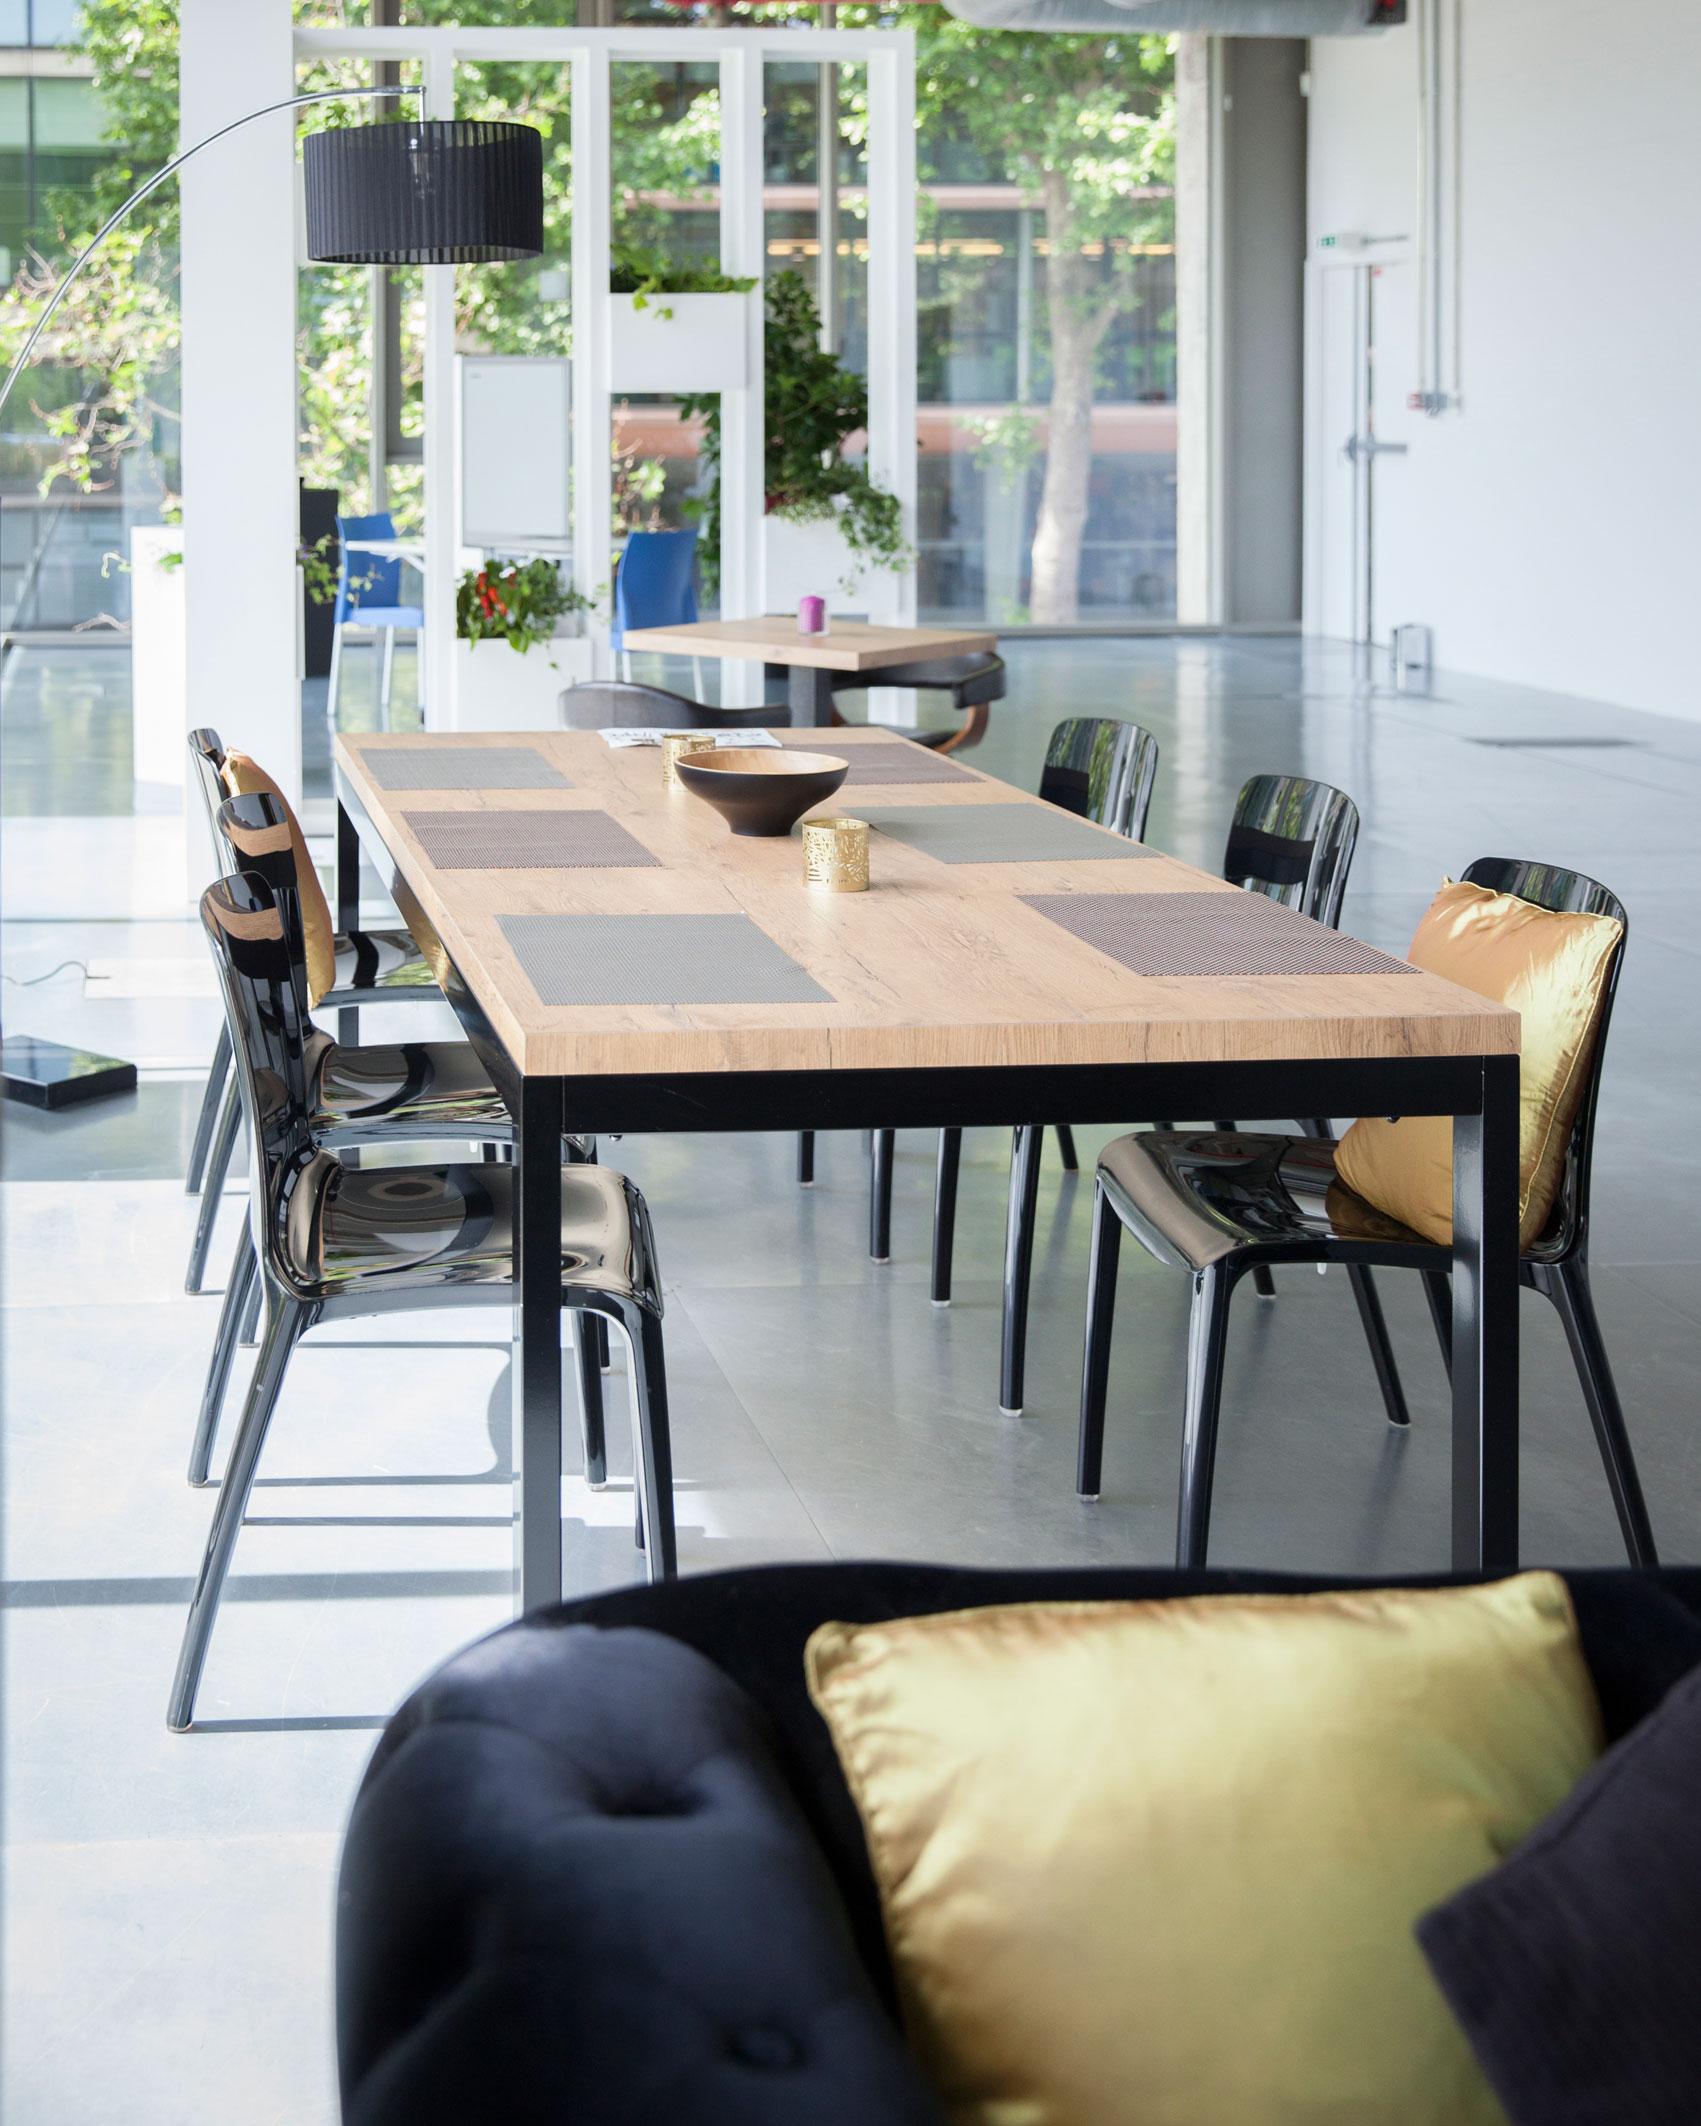 linea table bois metal noir location de mobilier art event ch